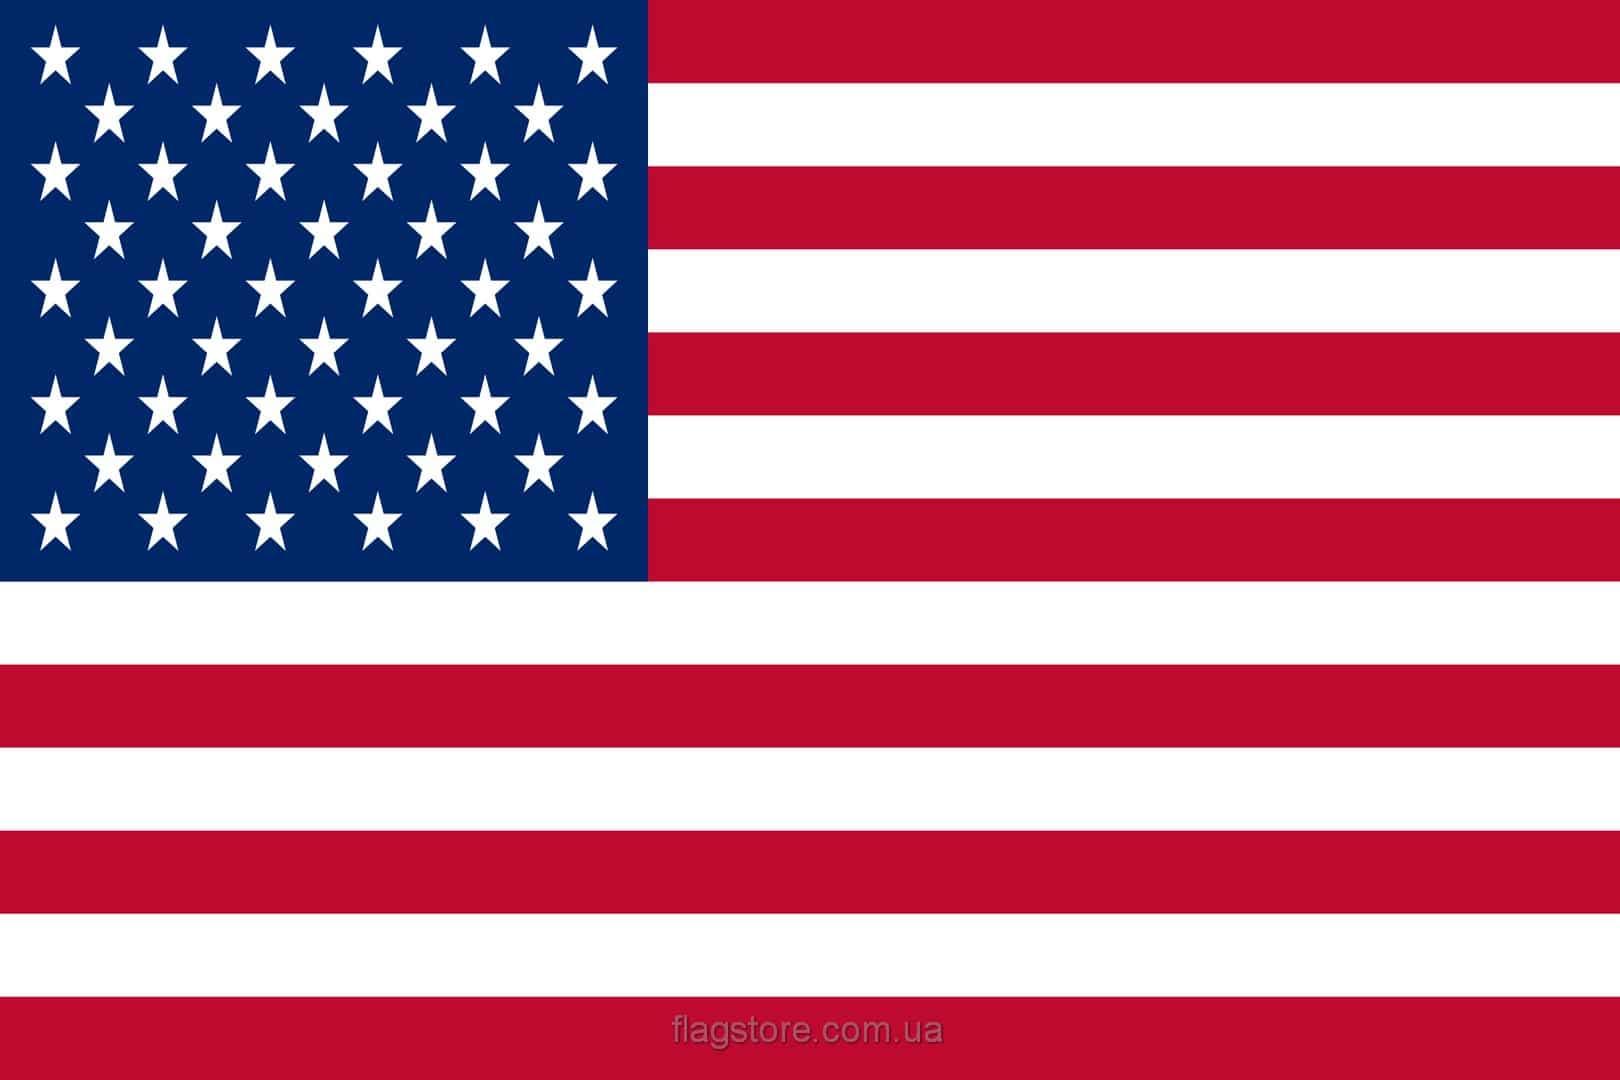 Купить флаг США (страны Соединённые Штаты Америки)